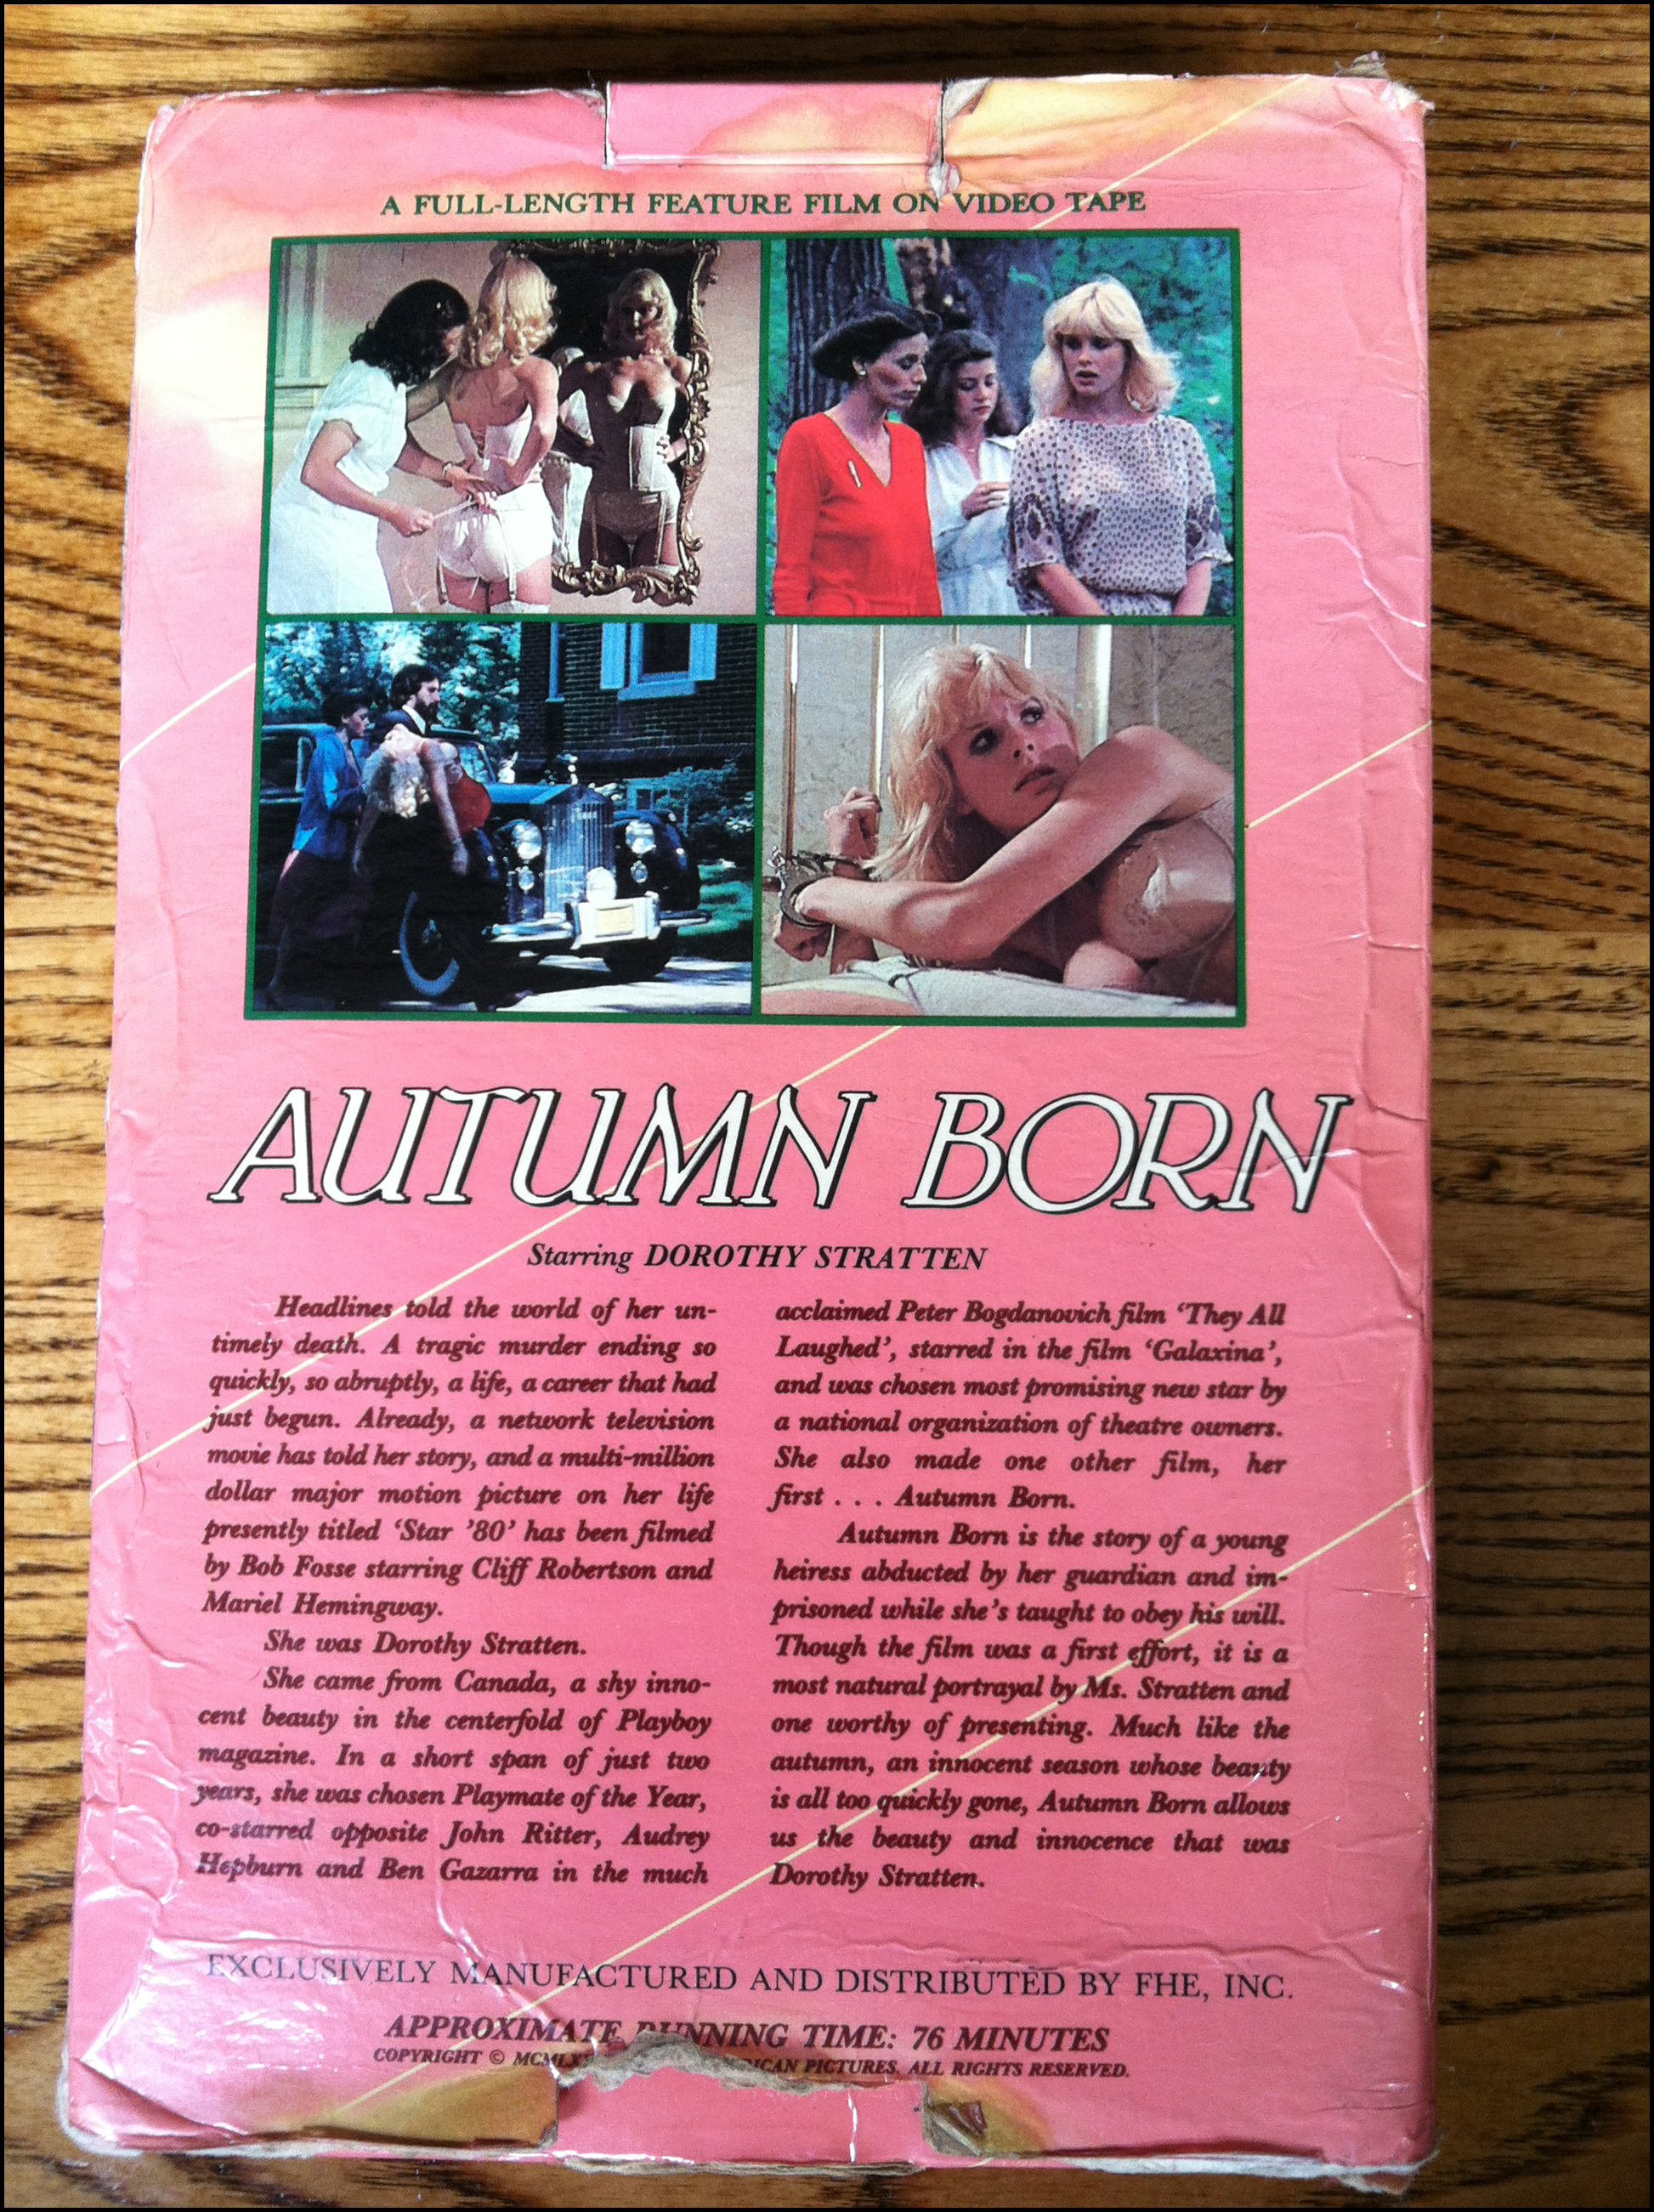 vintage Vhs porn tapes